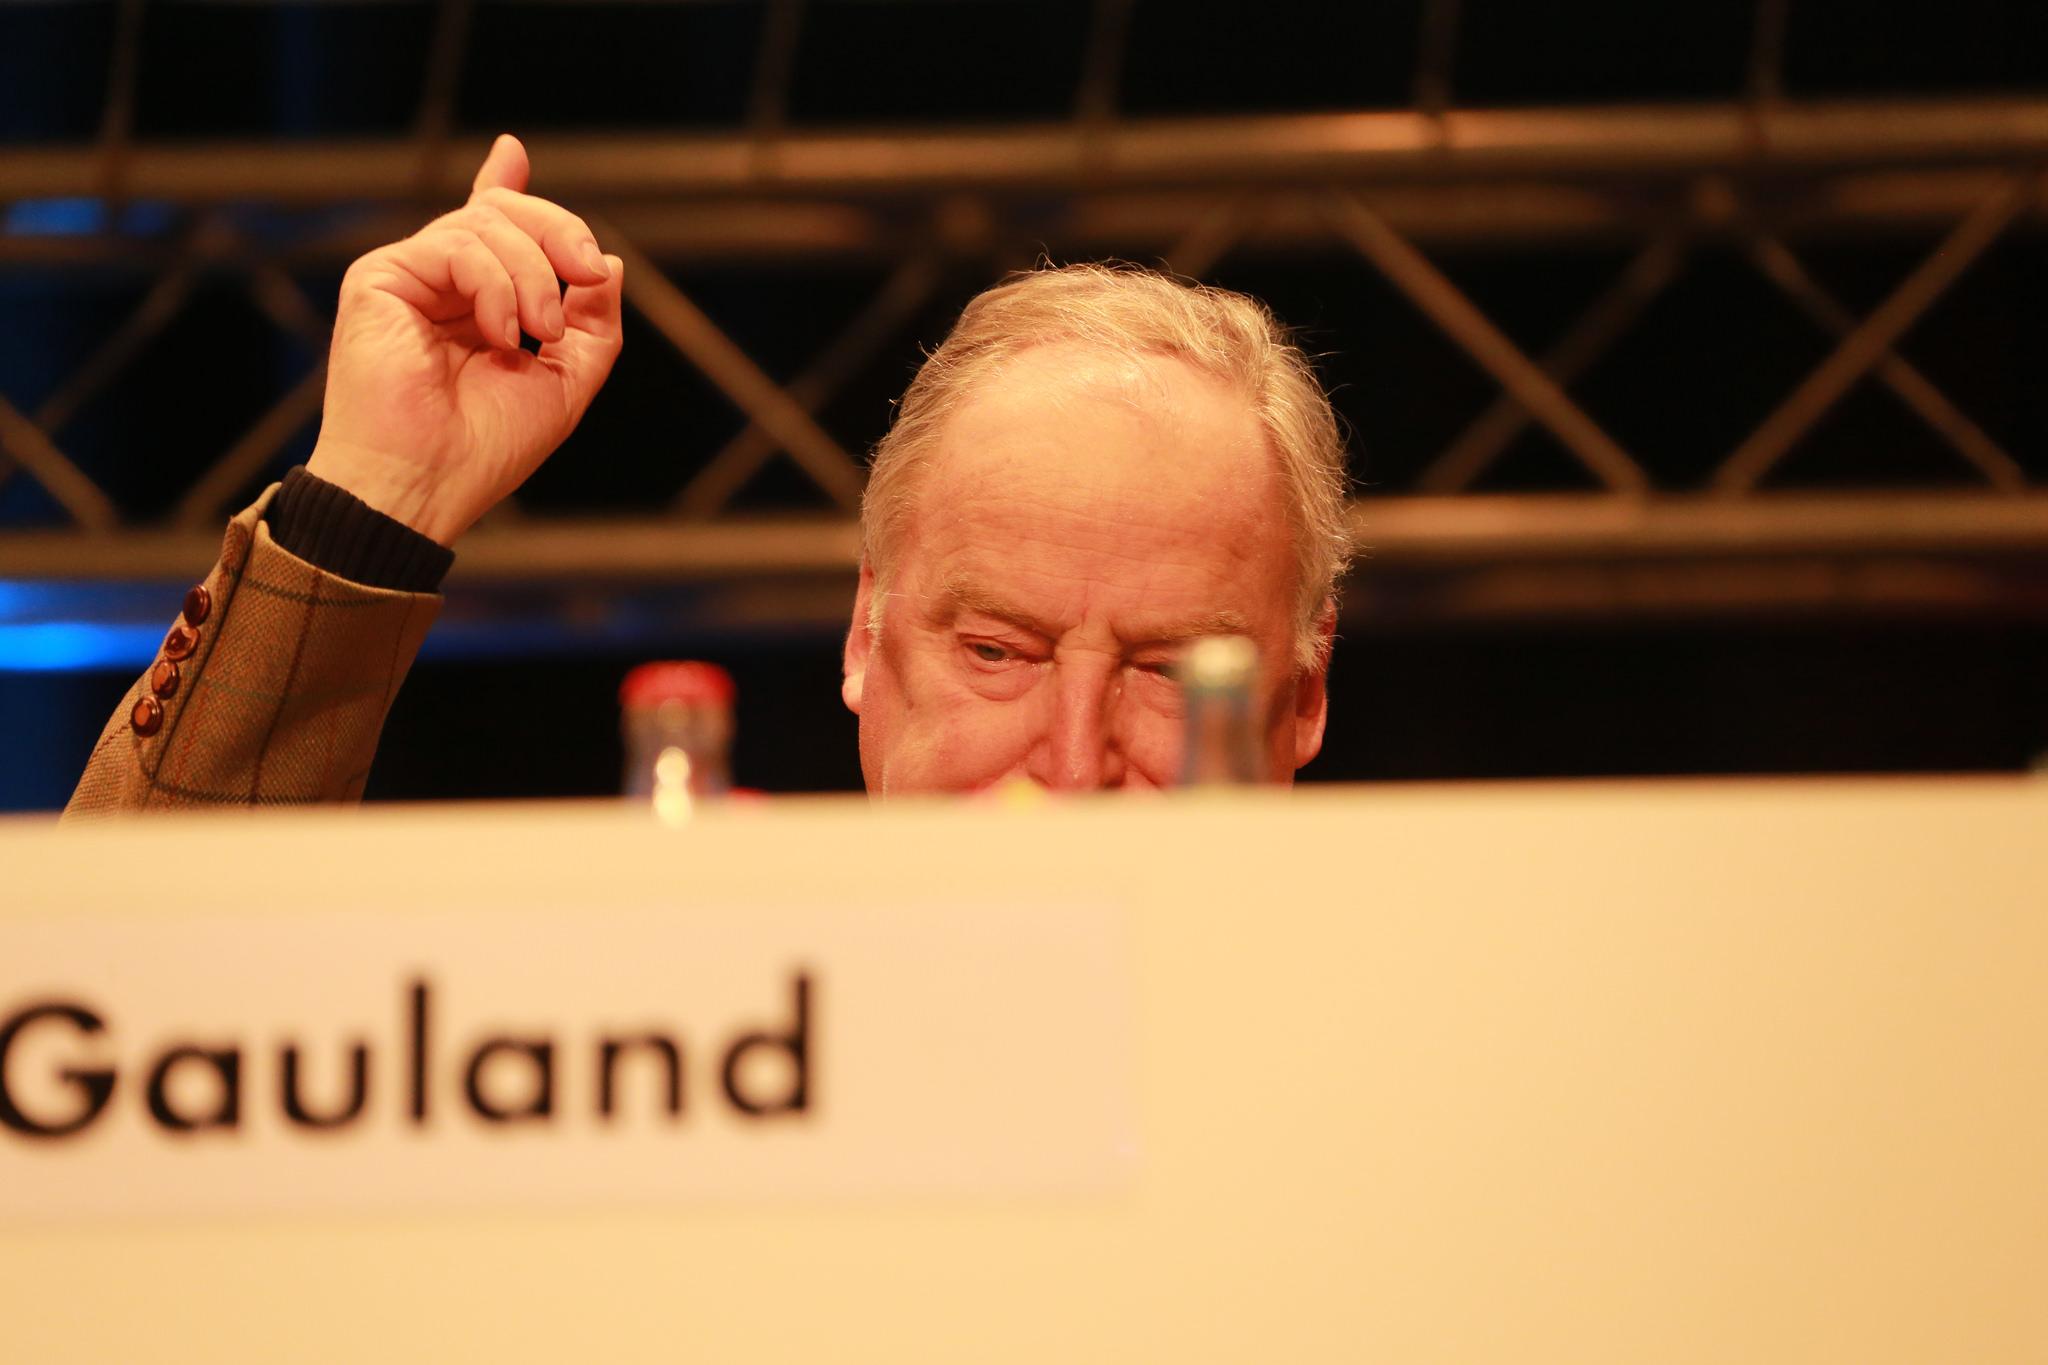 Teilt gerne aus: AfD-Vize Alexander Gauland. Foto: Metropolico.org / flickr (CC BY-SA 2.0)